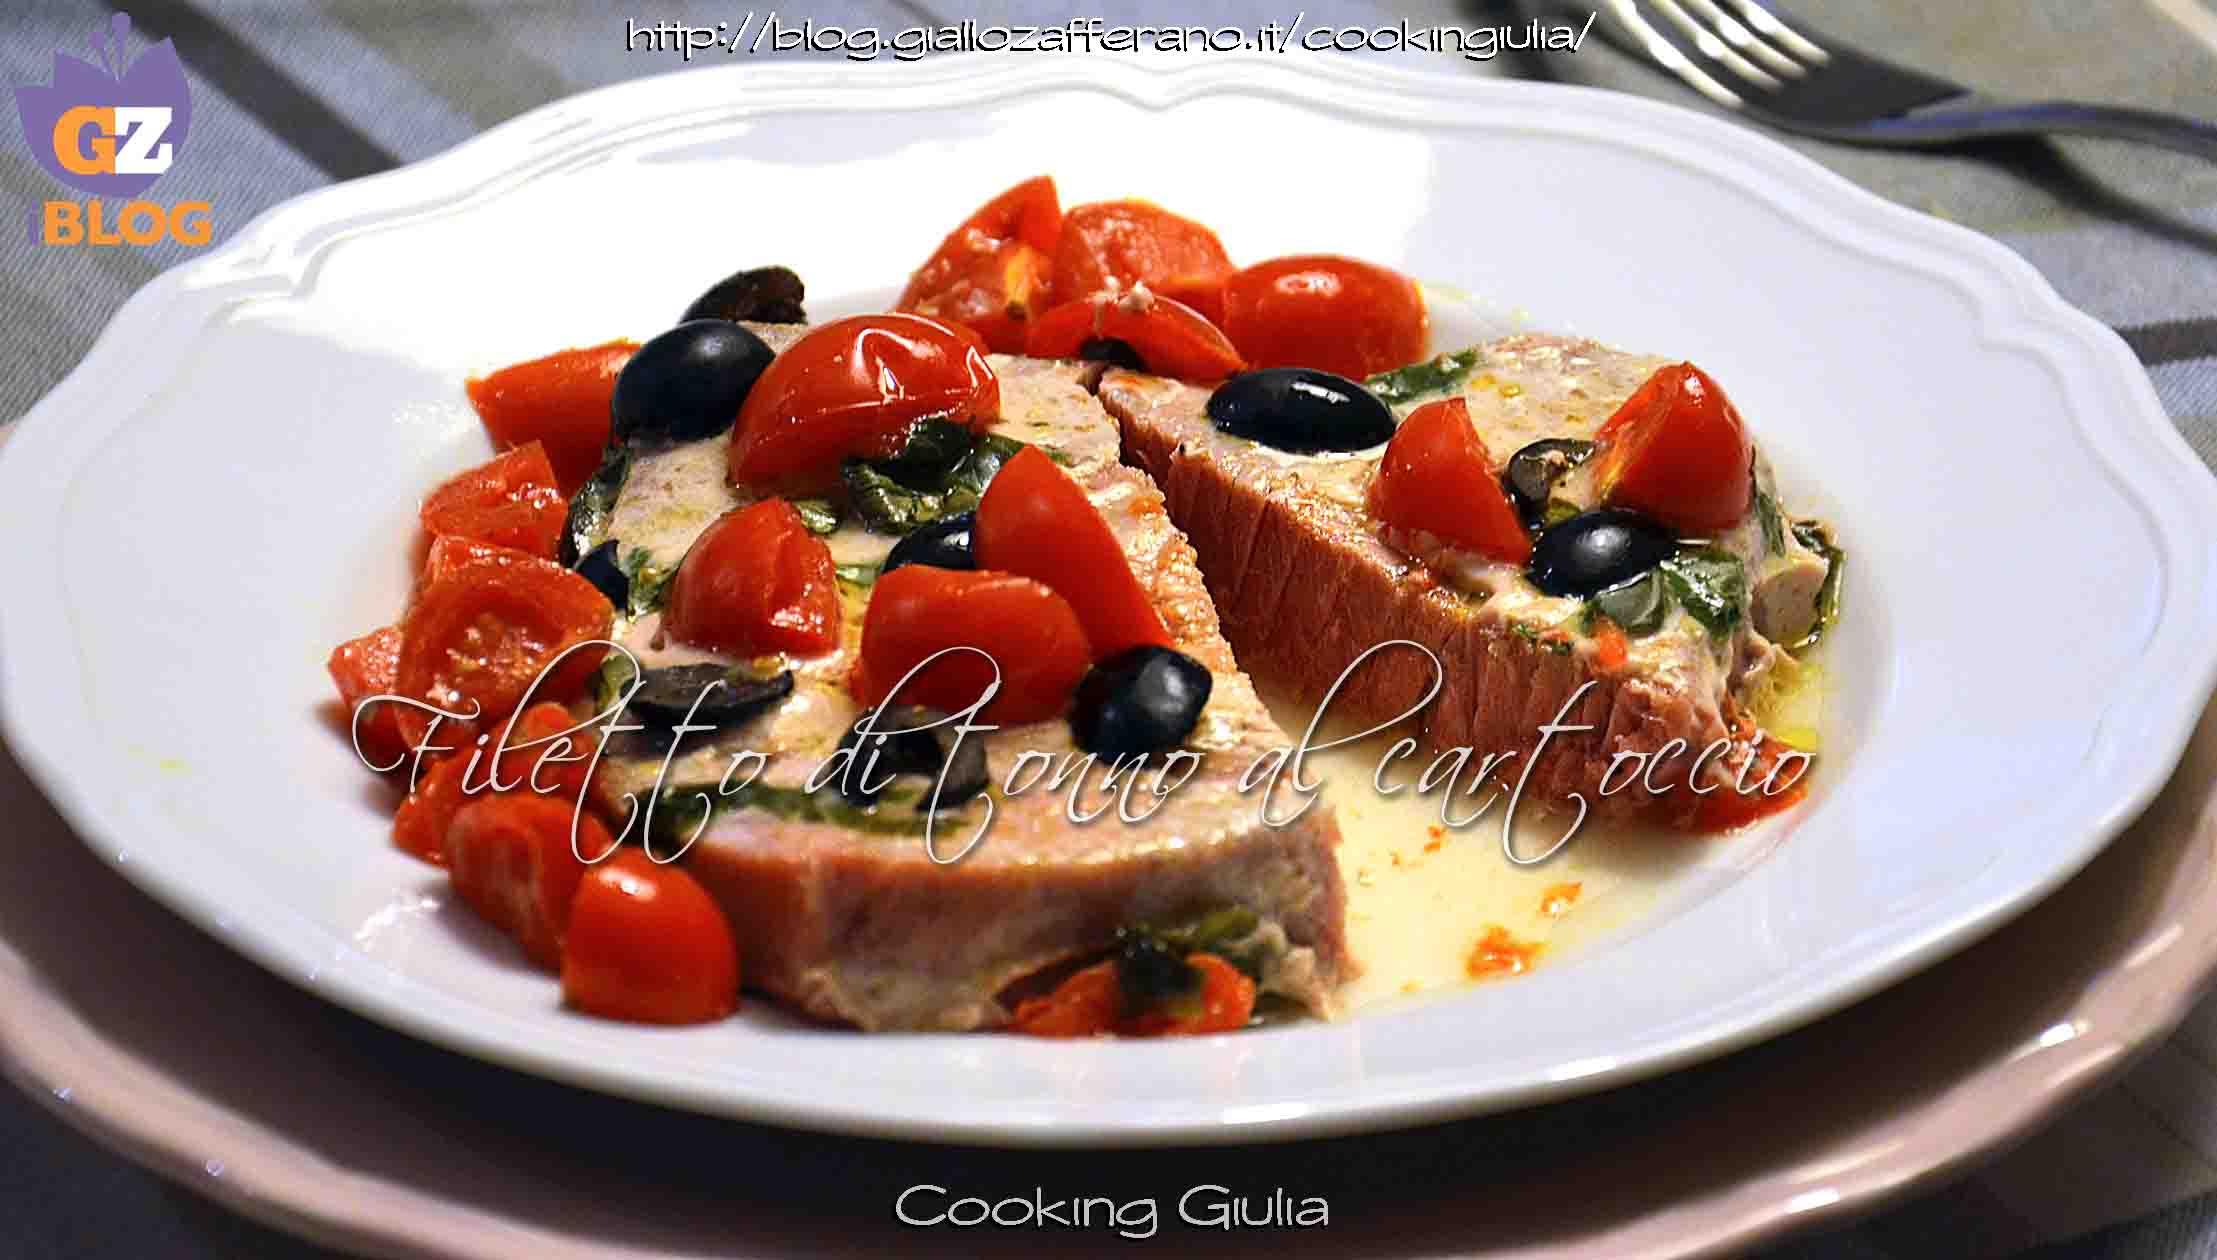 Filetto Di Tonno Al Cartoccio Con Pomodorini Olive Nere E Basilico  #BD2E0E 2217 1260 Ricette Di Cucina Disegni